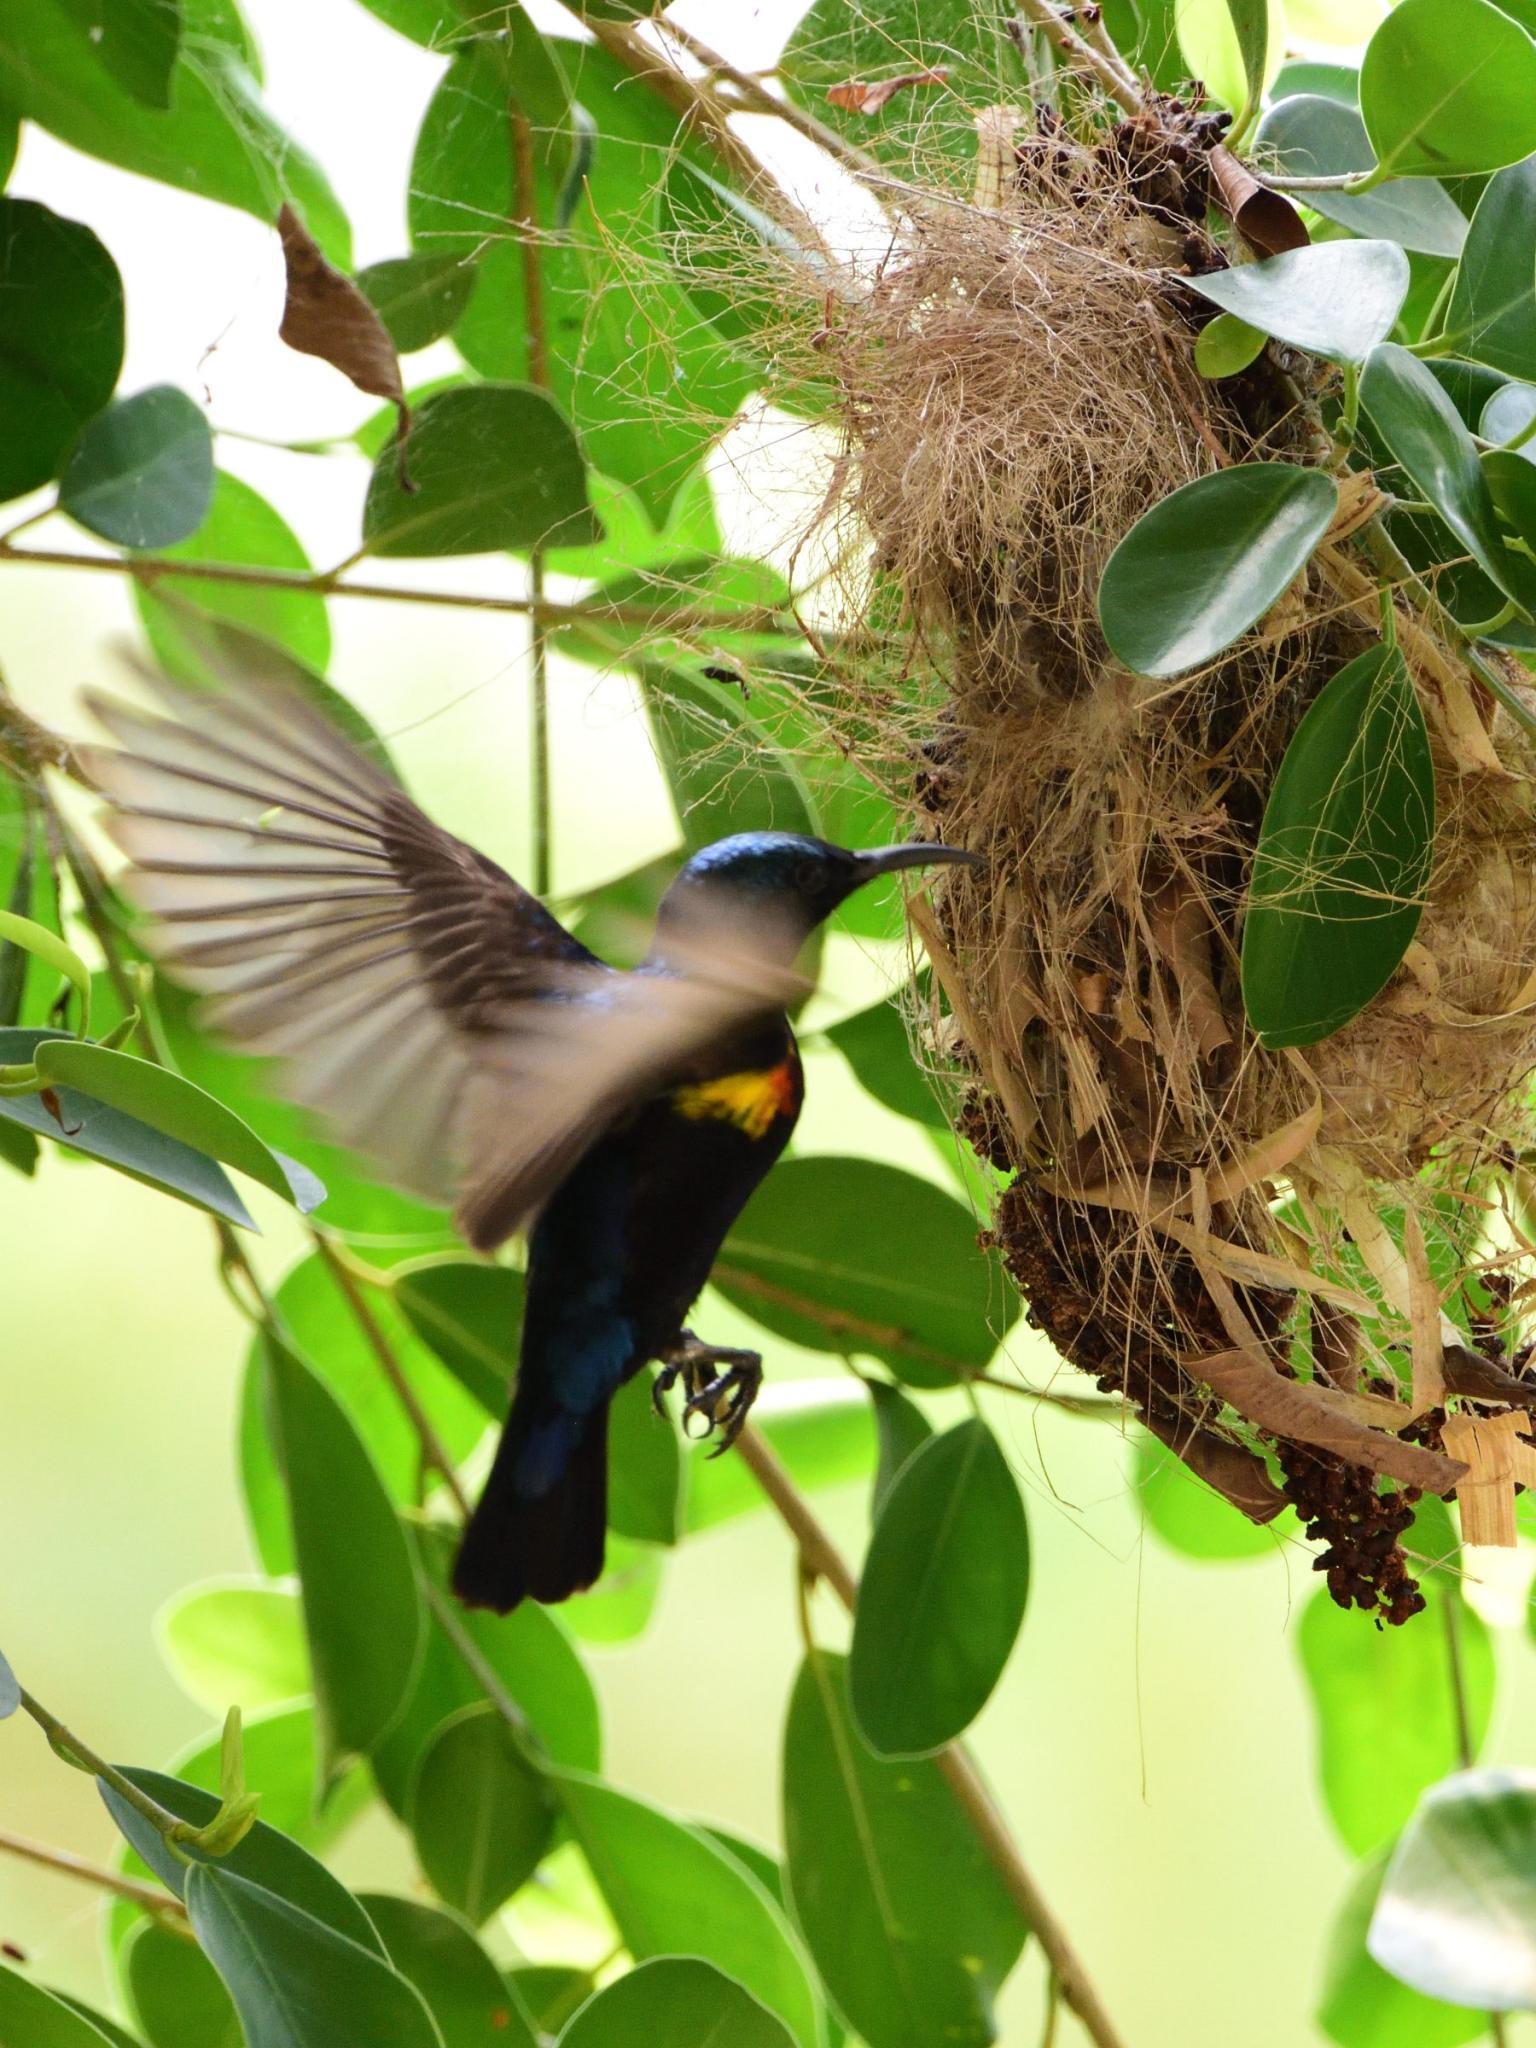 Thailand bird photos-jrh_1026_00002-jpg